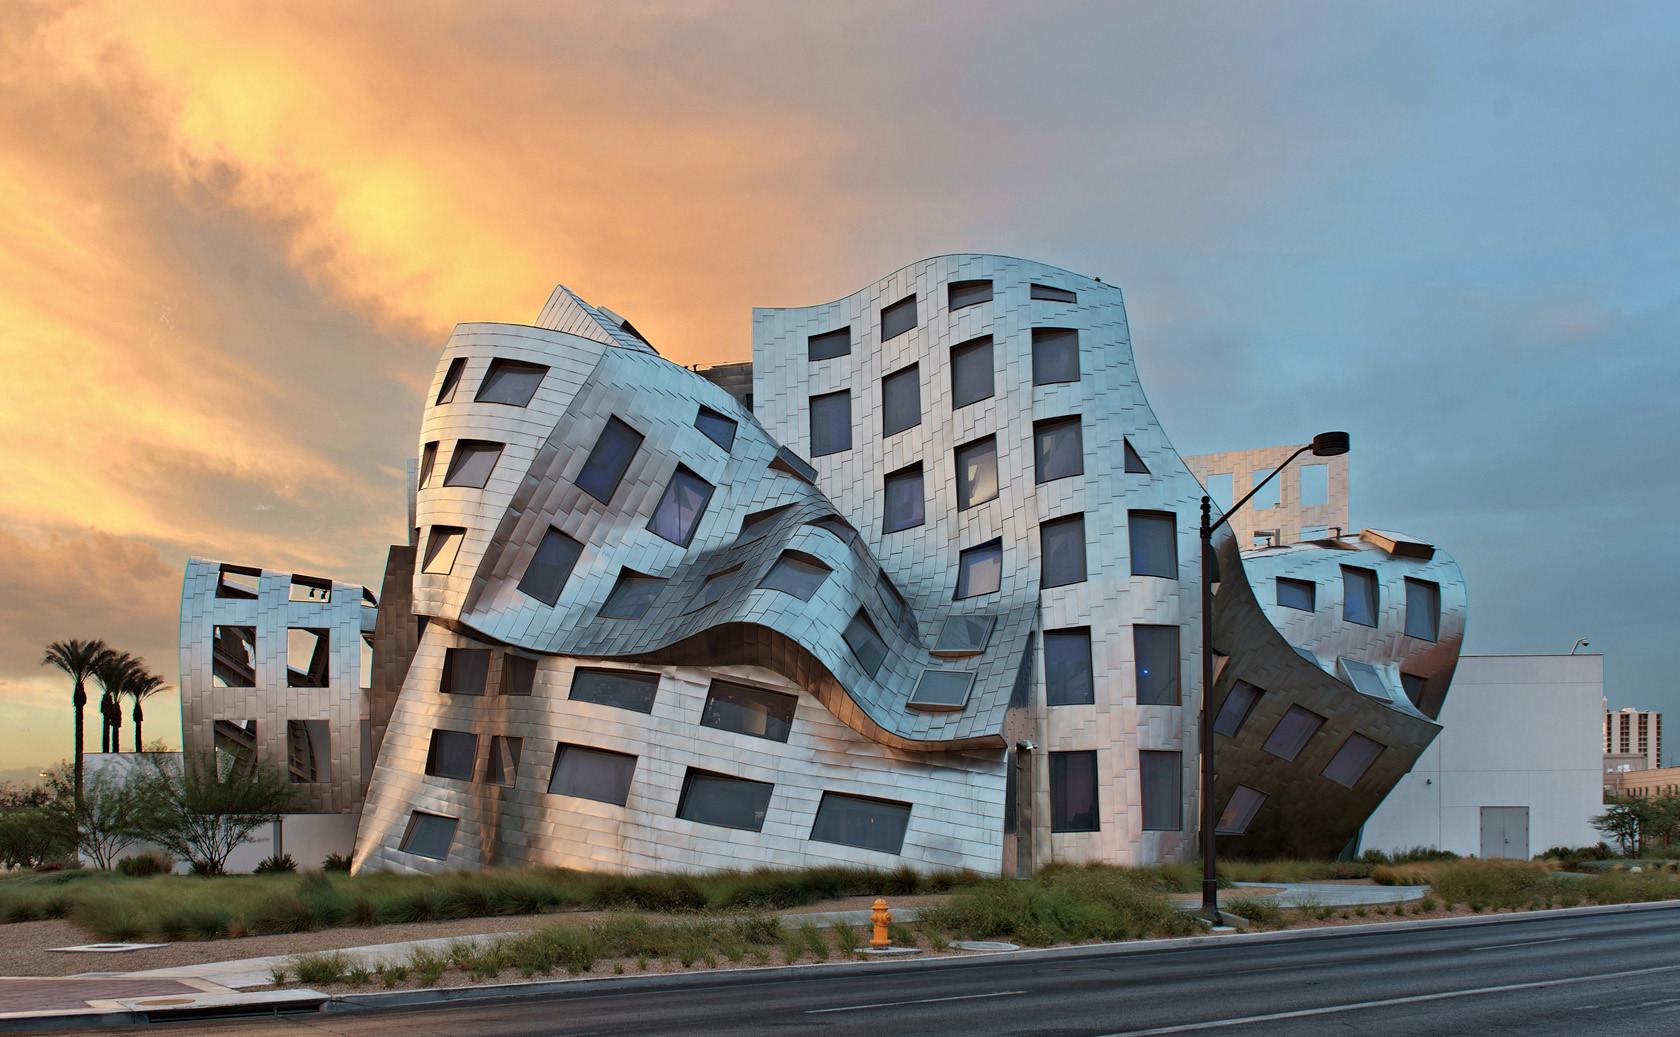 10 tòa nhà méo mó, vặn vẹo như chỉ có trong phim viễn tưởng Ảnh 5